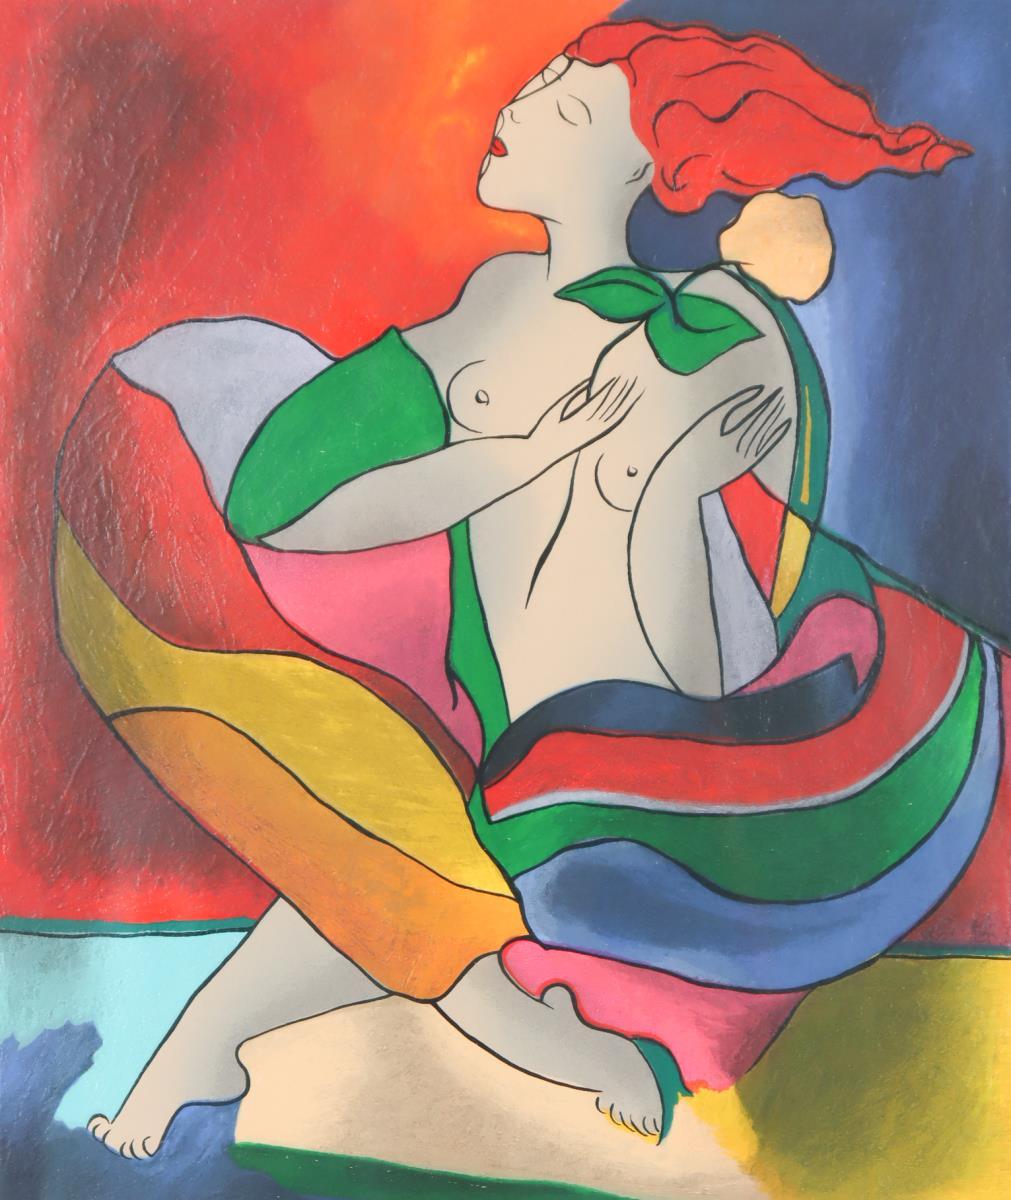 Linda Le Kinff (Born 1949) - Image 4 of 4